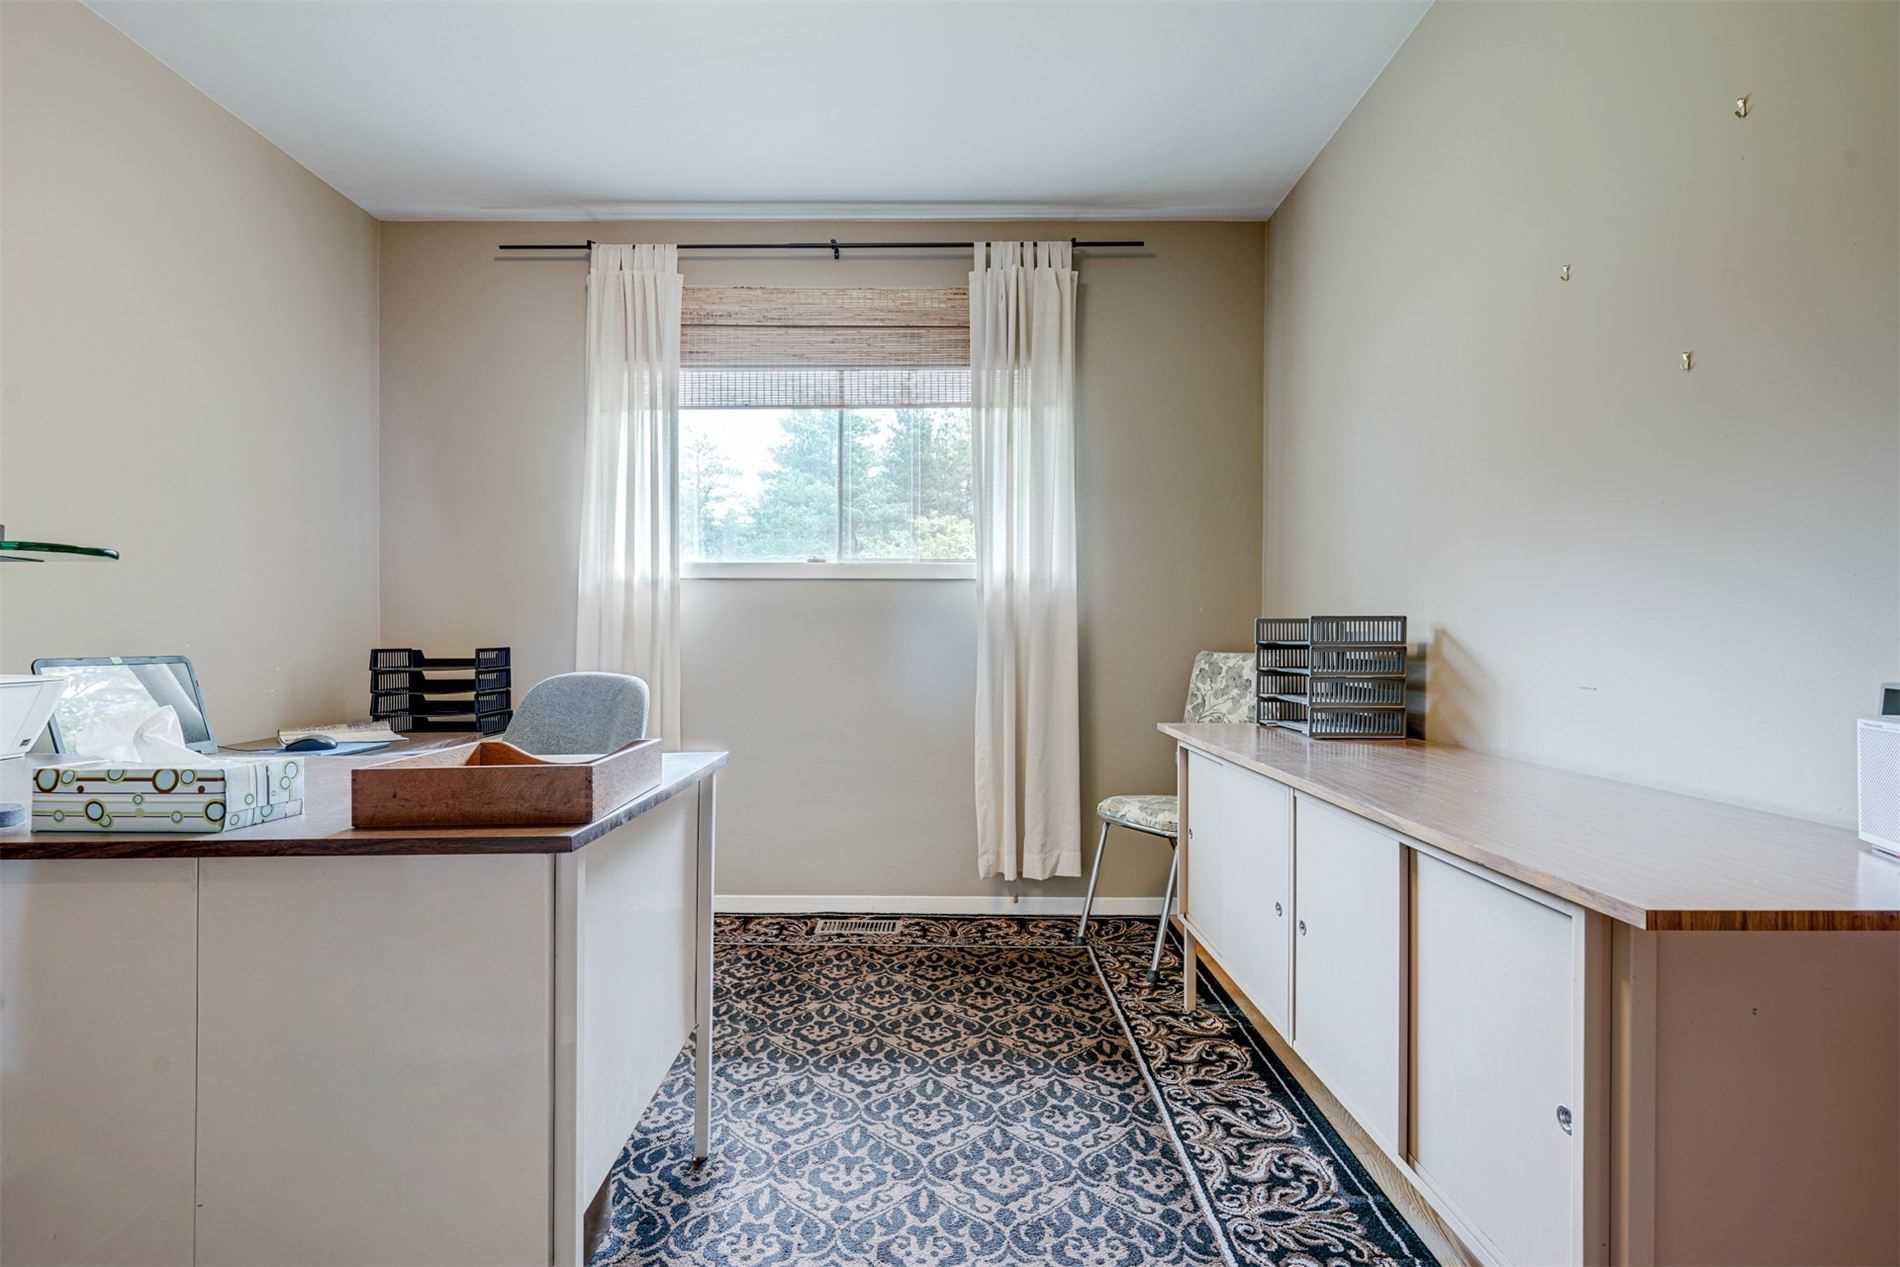 4189 Brock Rd - Uxbridge Detached for sale, 3 Bedrooms (N5311768) - #29